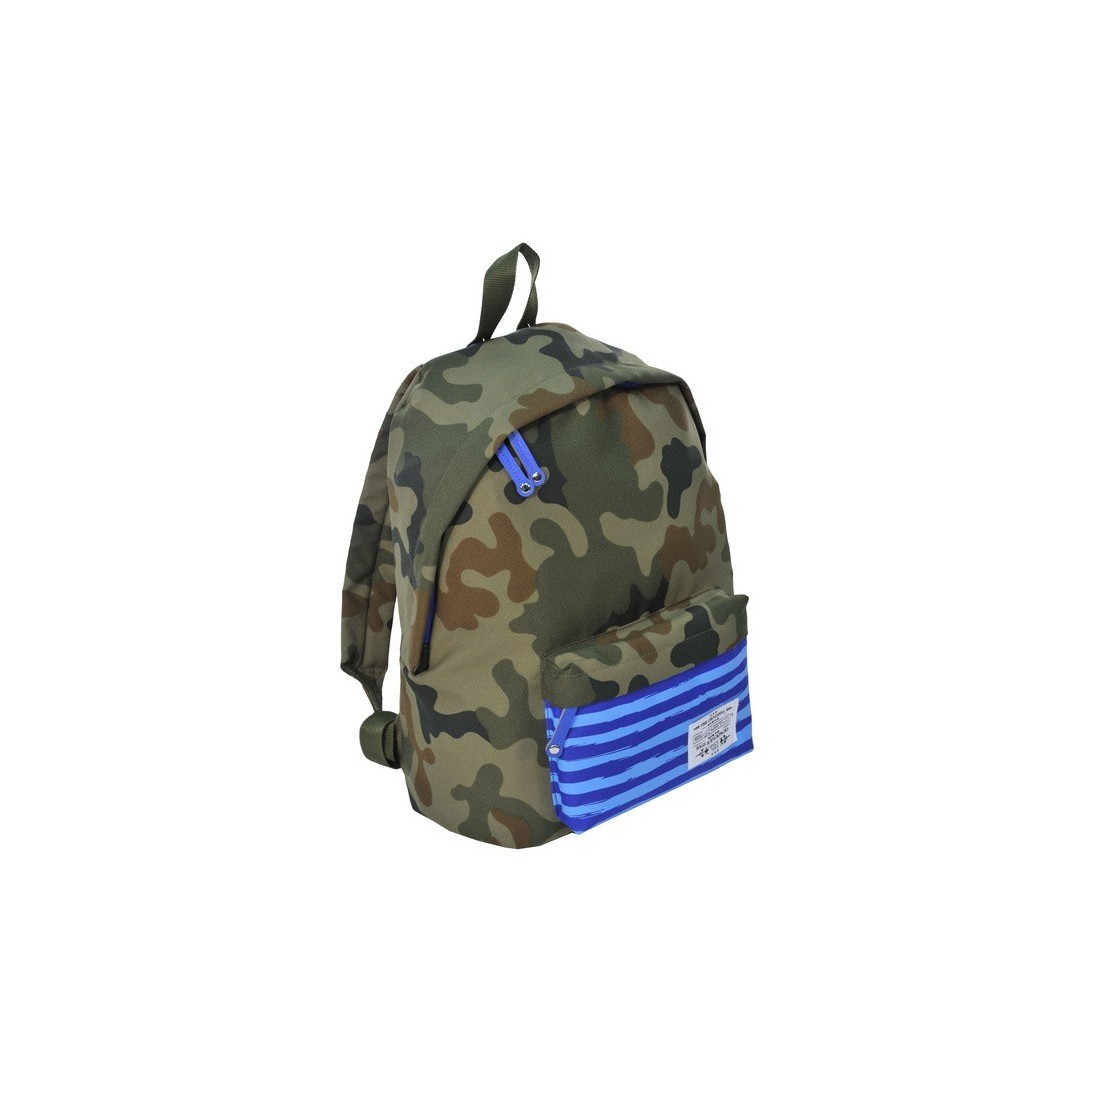 Plecak młodzieżowy Ciemne Moro niebieski w paski